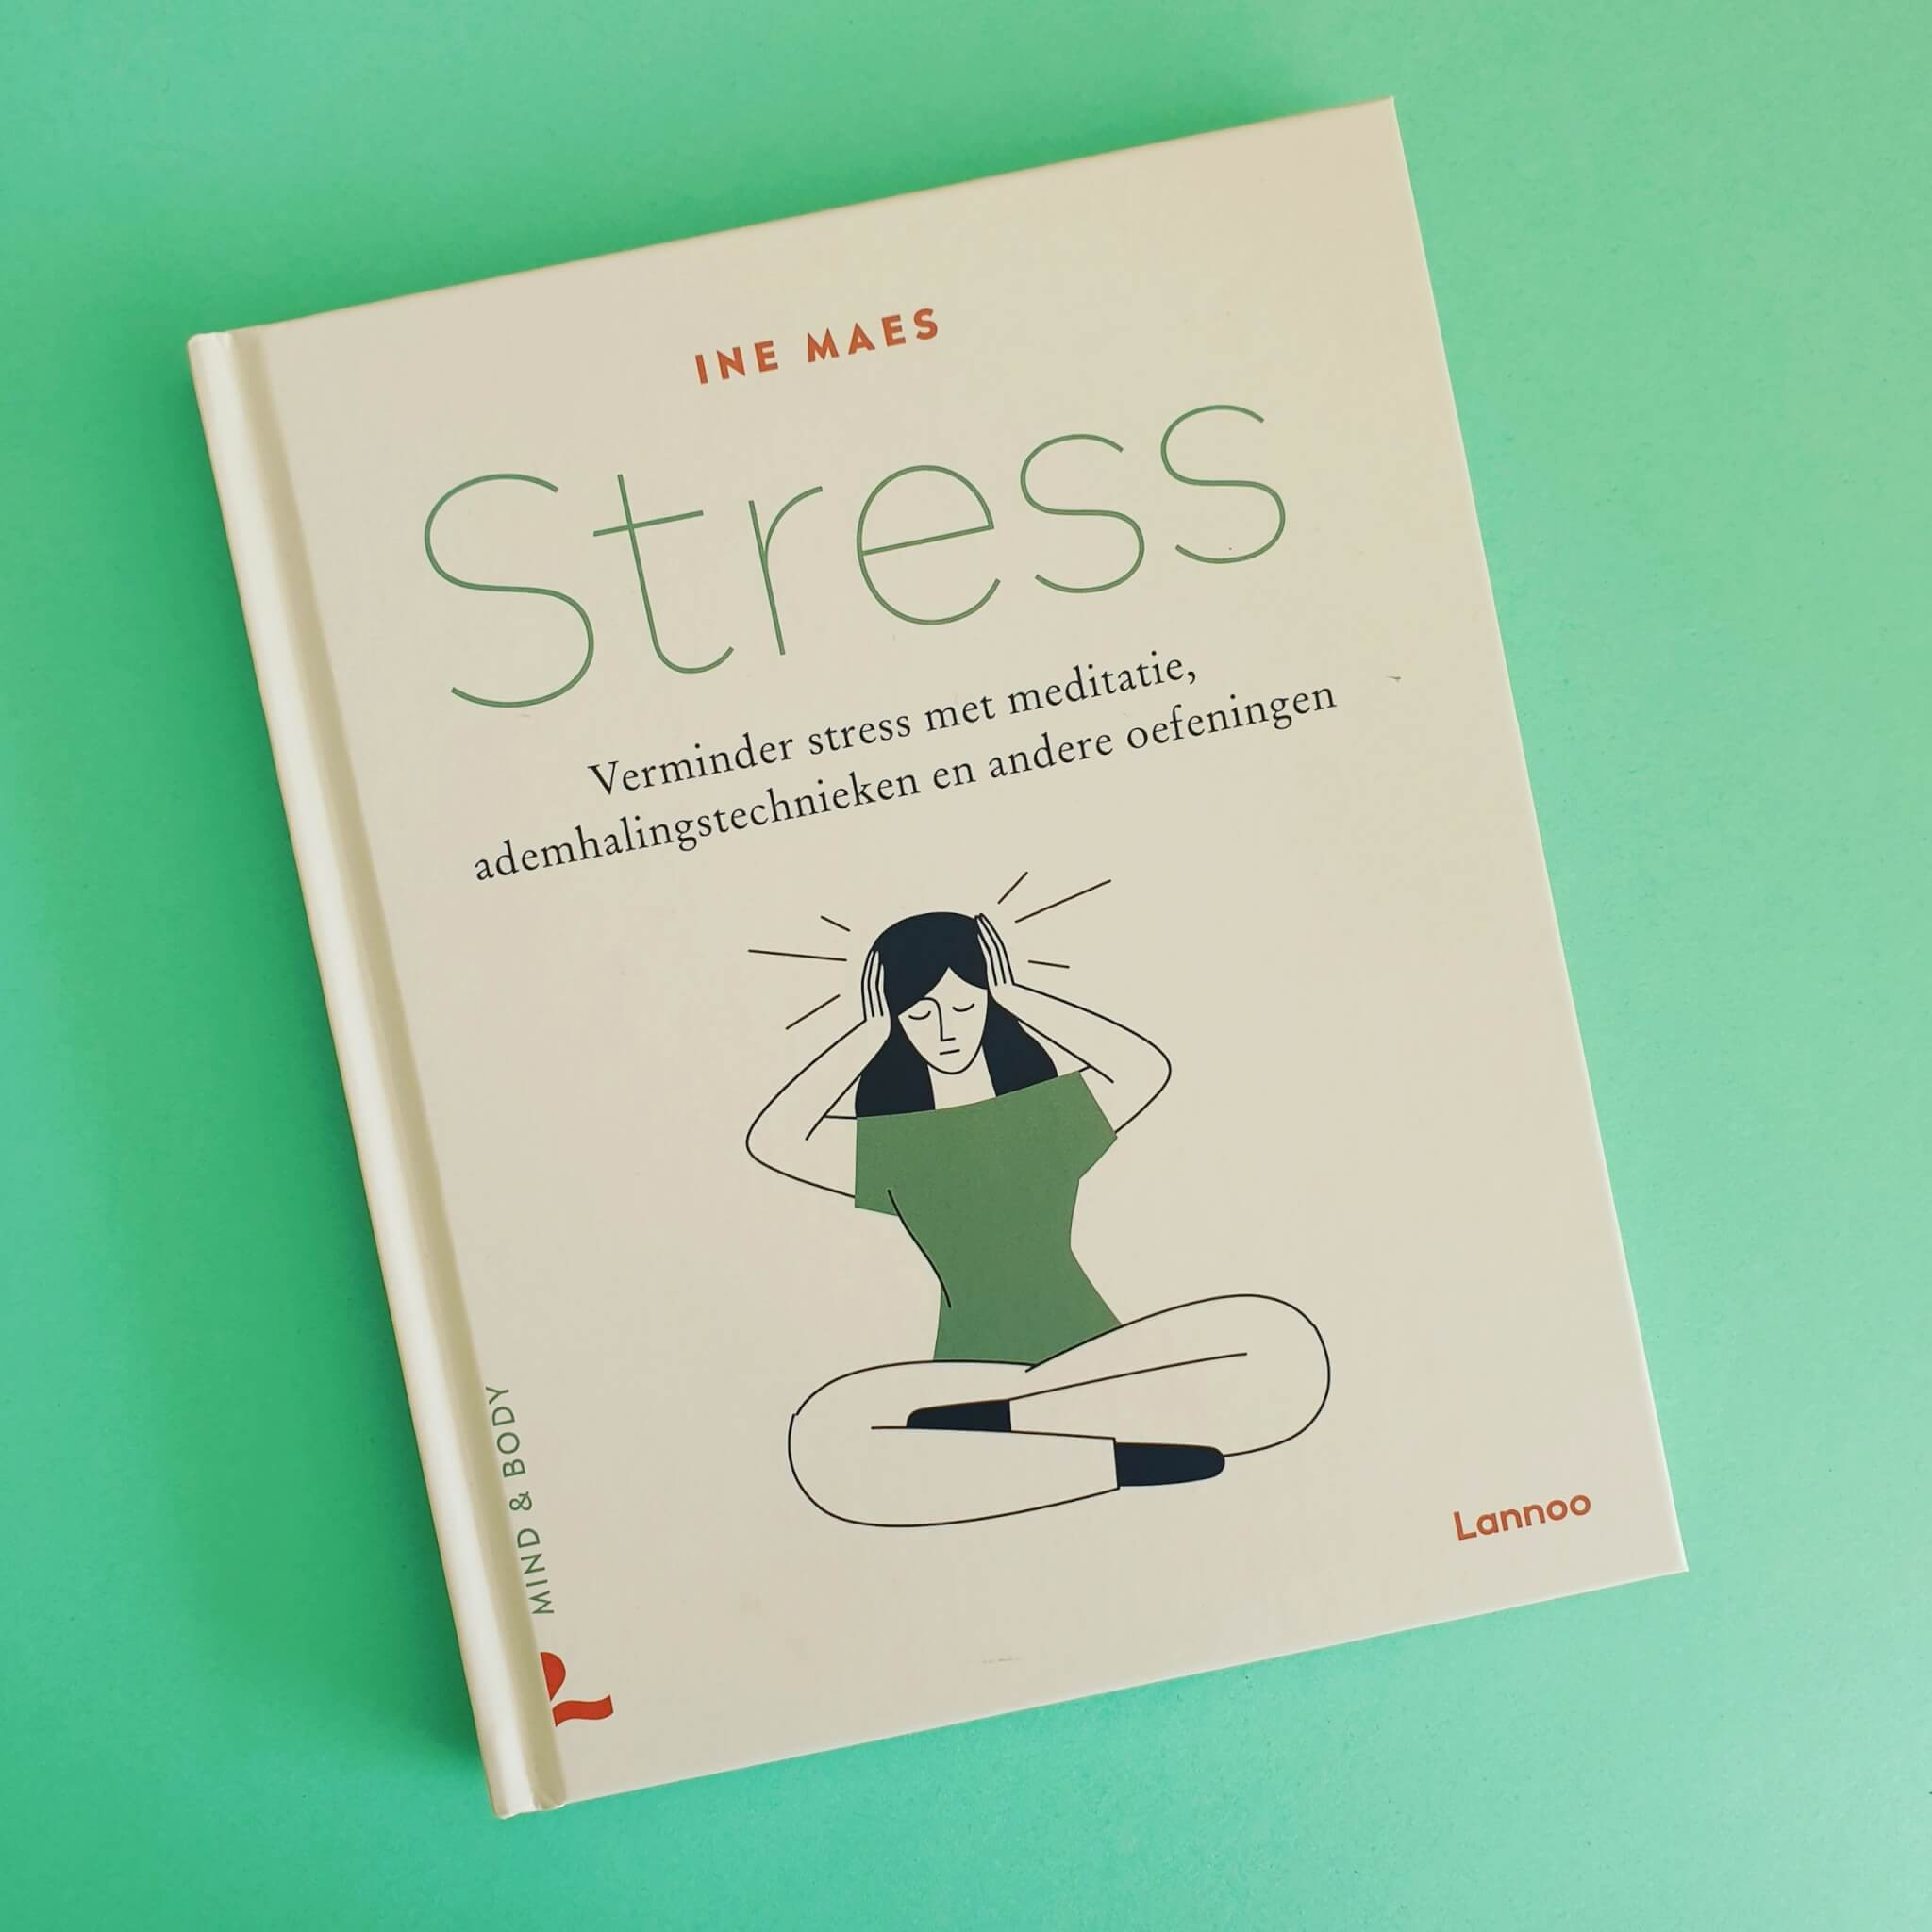 Stress van Ine Maes is een nuchter boekje over stress. Het legt je uit hoe stress werkt, daar is de laatste jaren steeds meer over bekend. Zo gaat ze bijvoorbeeld in op de rol van je ademhaling. Daarnaast bespreekt ze hoe je stress kunt verminderen met meditatie, ademhalingstechnieken en andere oefeningen. Allemaal super fijne tips en praktische oefeningen. Bij het boek hoort ook een podcast met geleide meditaties, heel fijn.